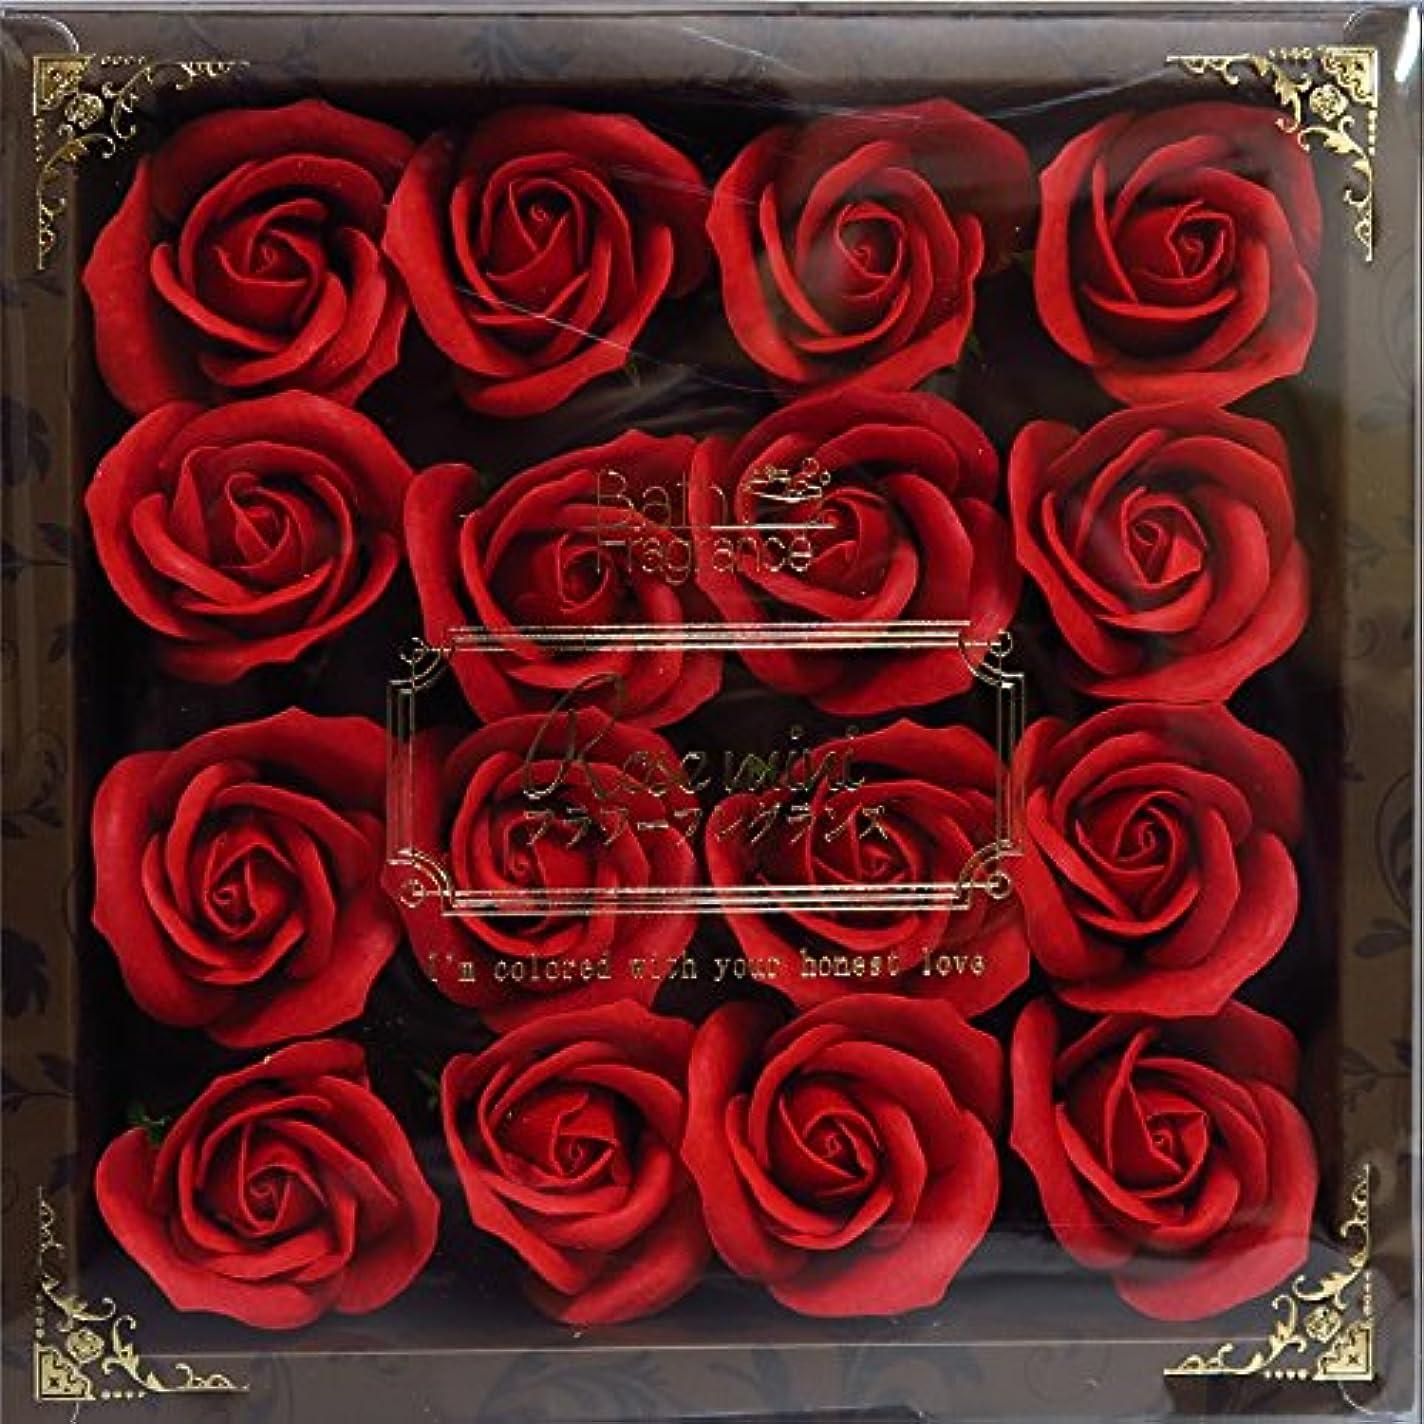 申請中地区没頭するバスフレグランス バスフラワー ミニローズフレグランス(M)レッド ギフト お花の形の入浴剤 プレゼント ばら